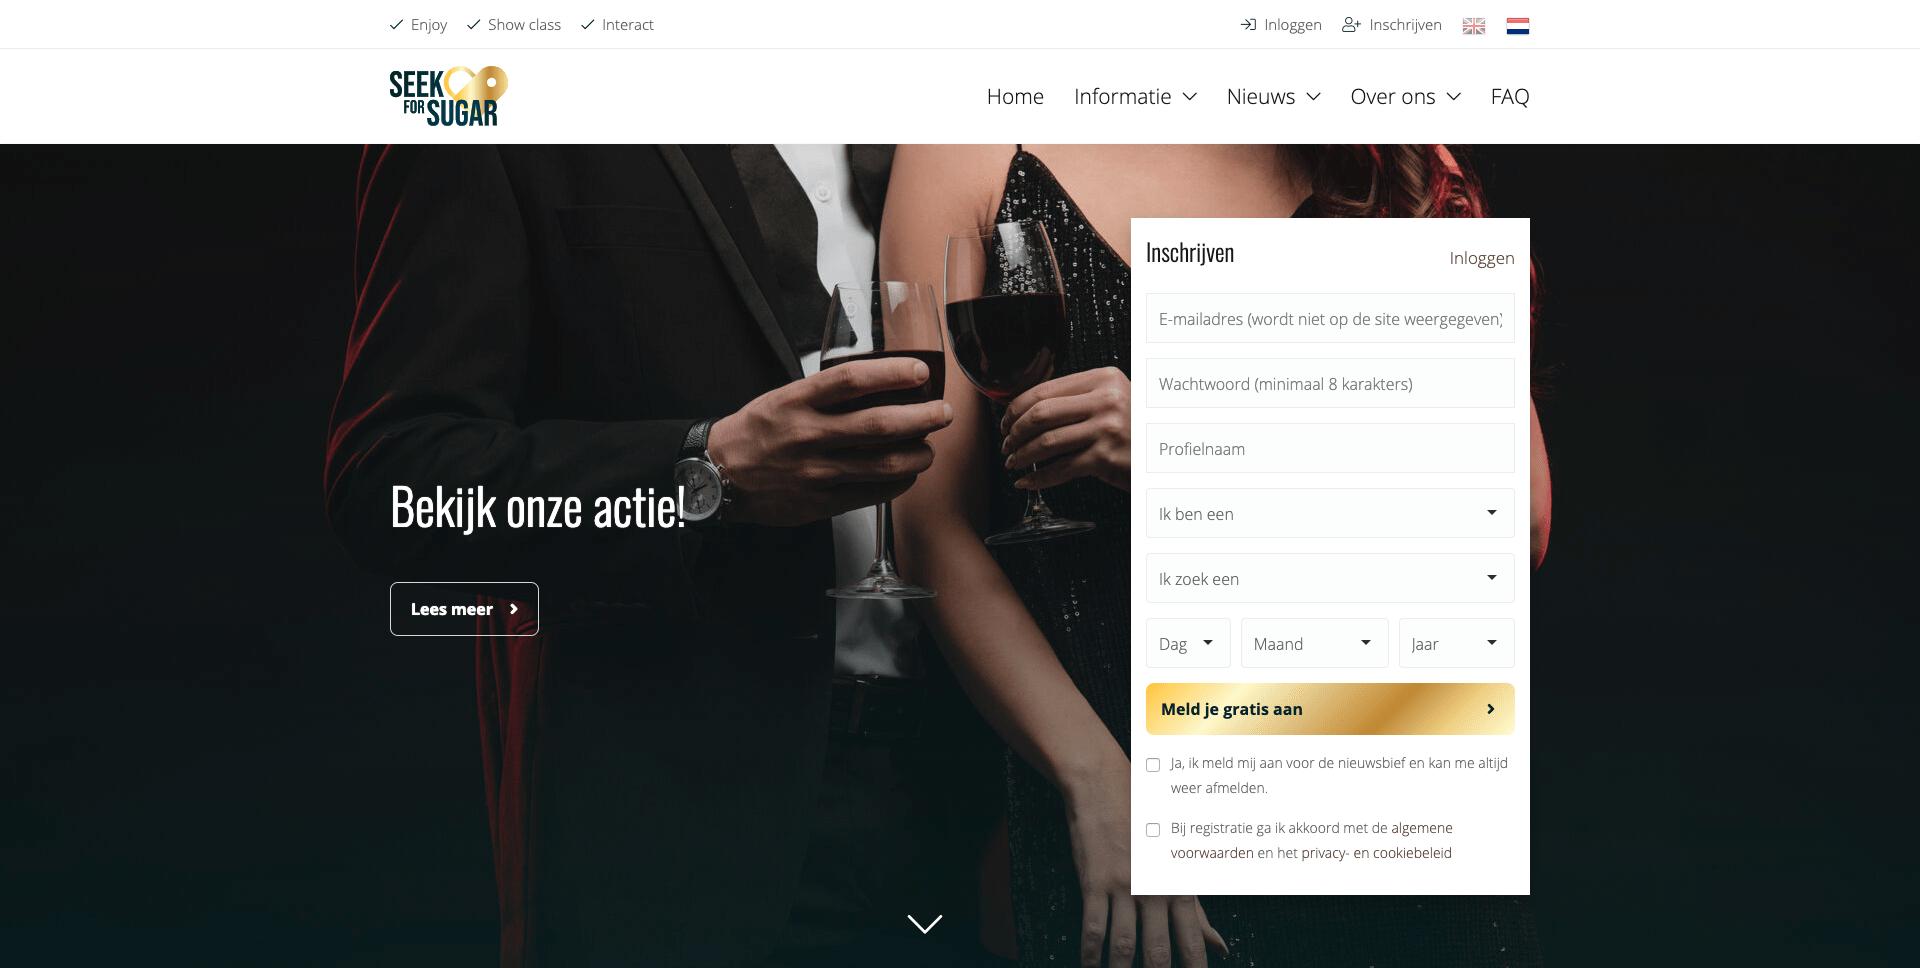 seek for sugar datingsite